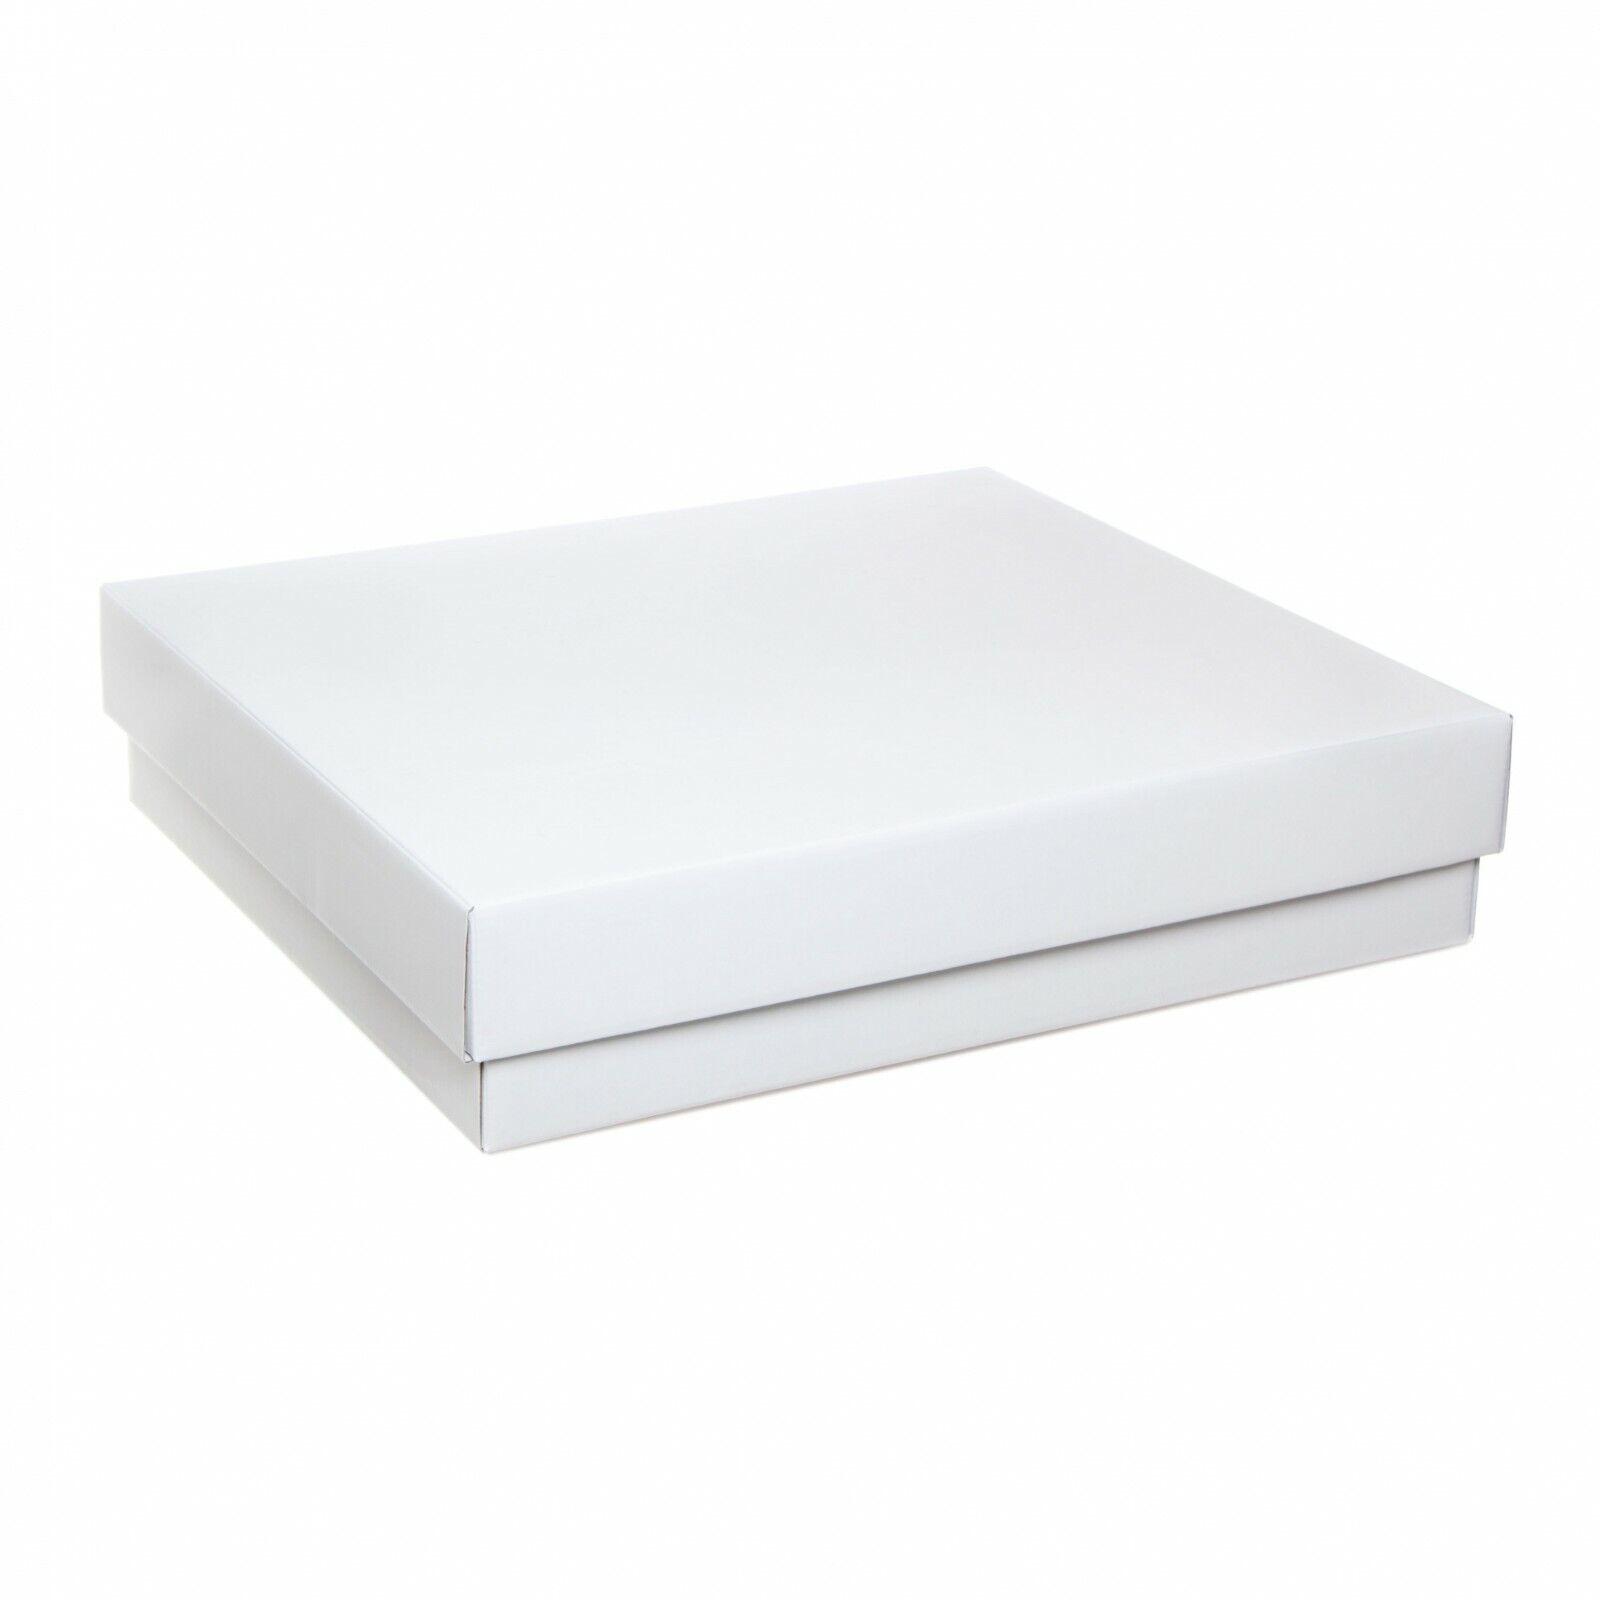 Wedding Dress Storage Box White Cardboard Keepsake Gift Christening Gown Storage